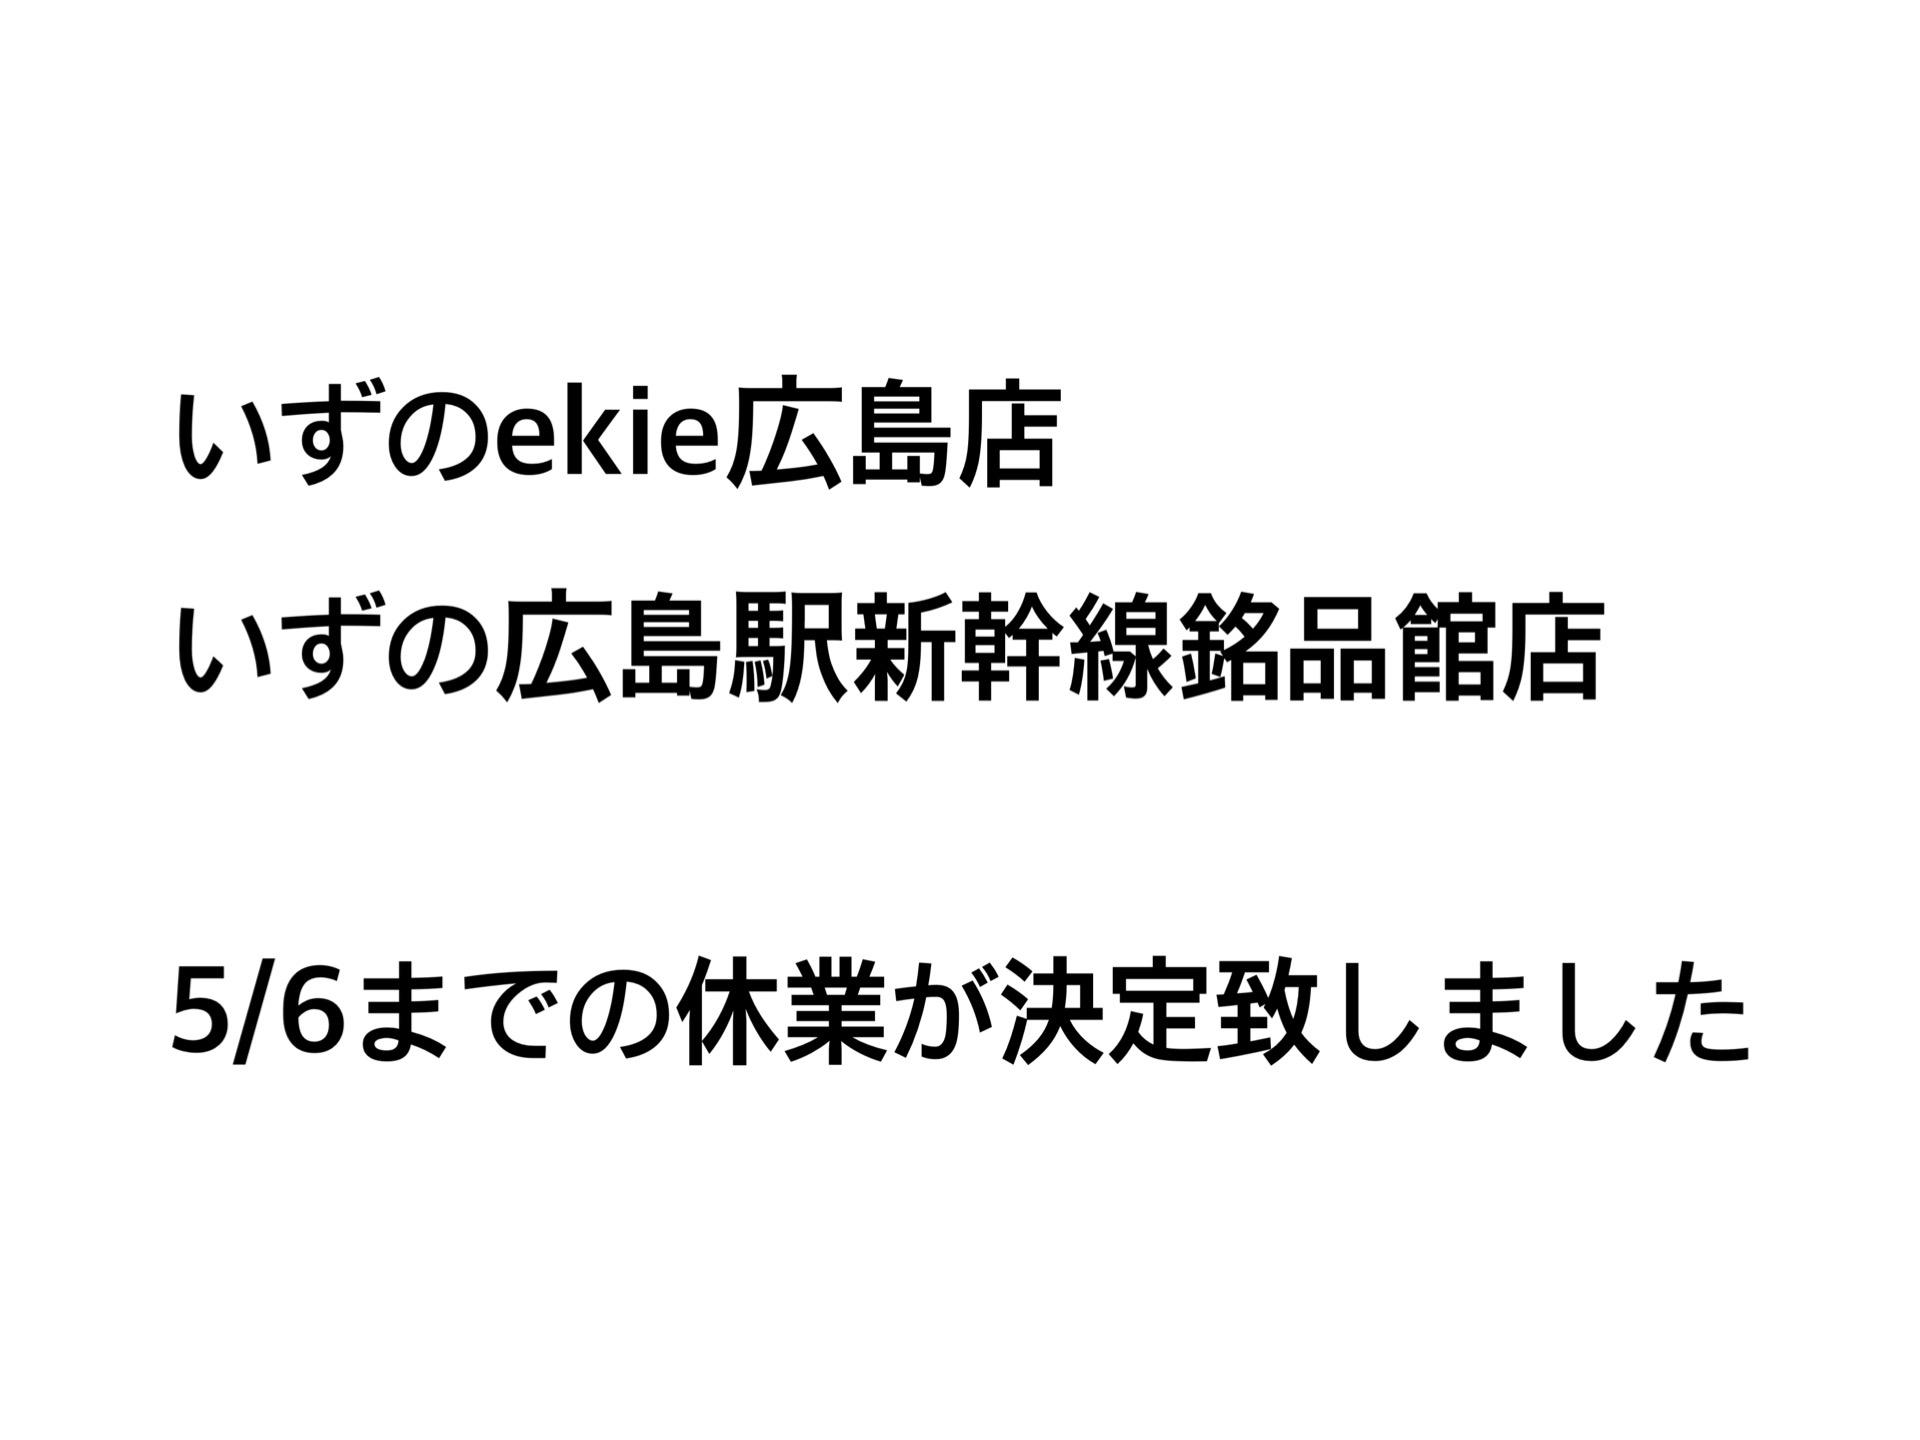 いずの広島駅新幹線銘品館店,エキエ店の5月6日までの休業が決定しました